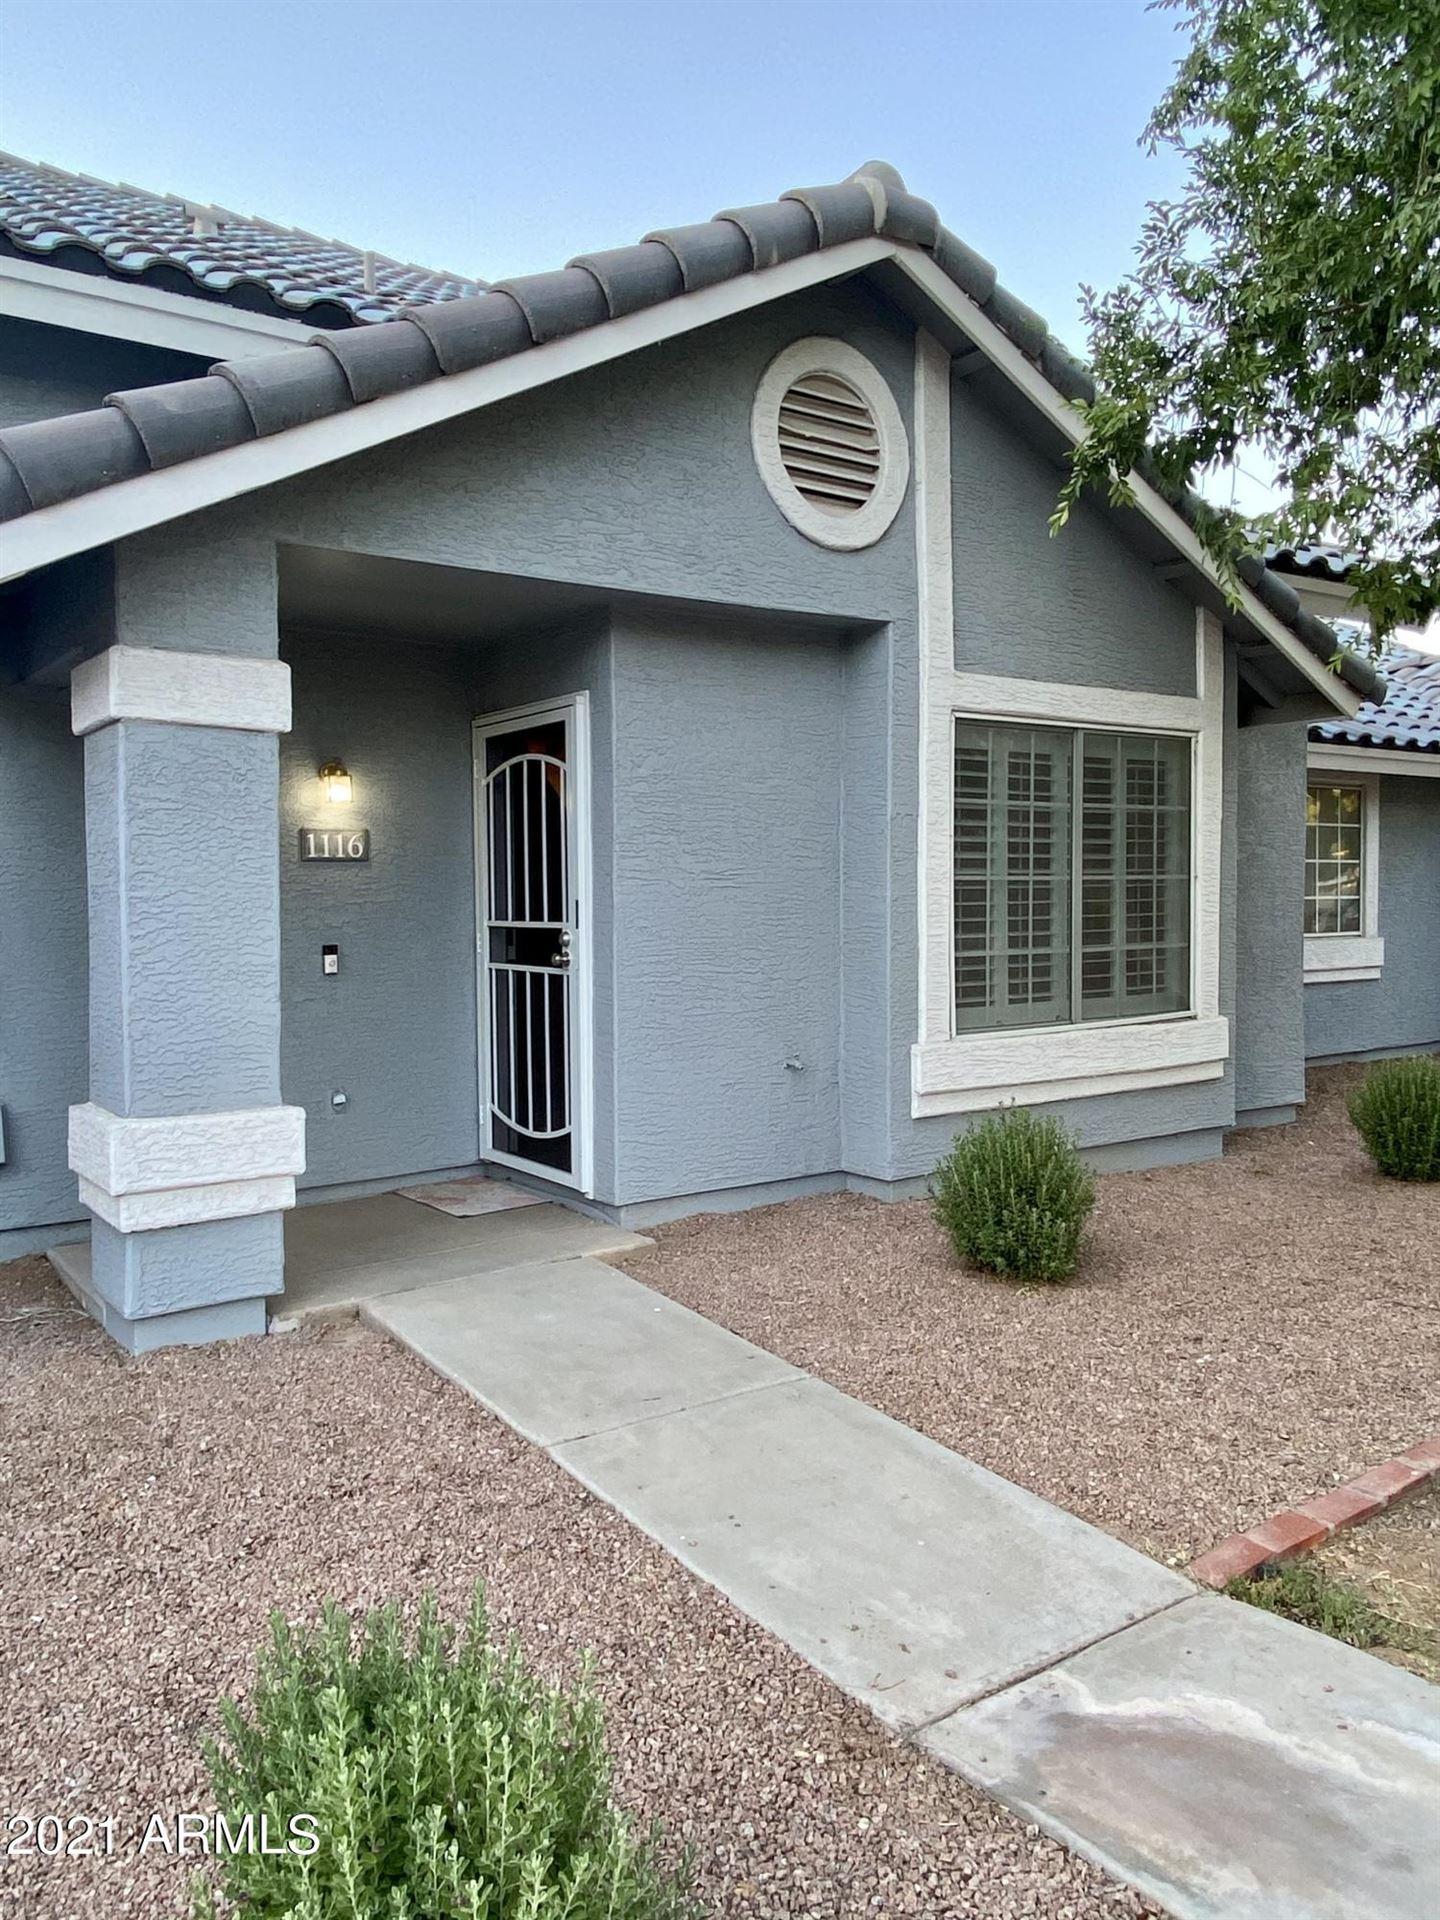 860 N MCQUEEN Road #1116, Chandler, AZ 85225 - MLS#: 6237455